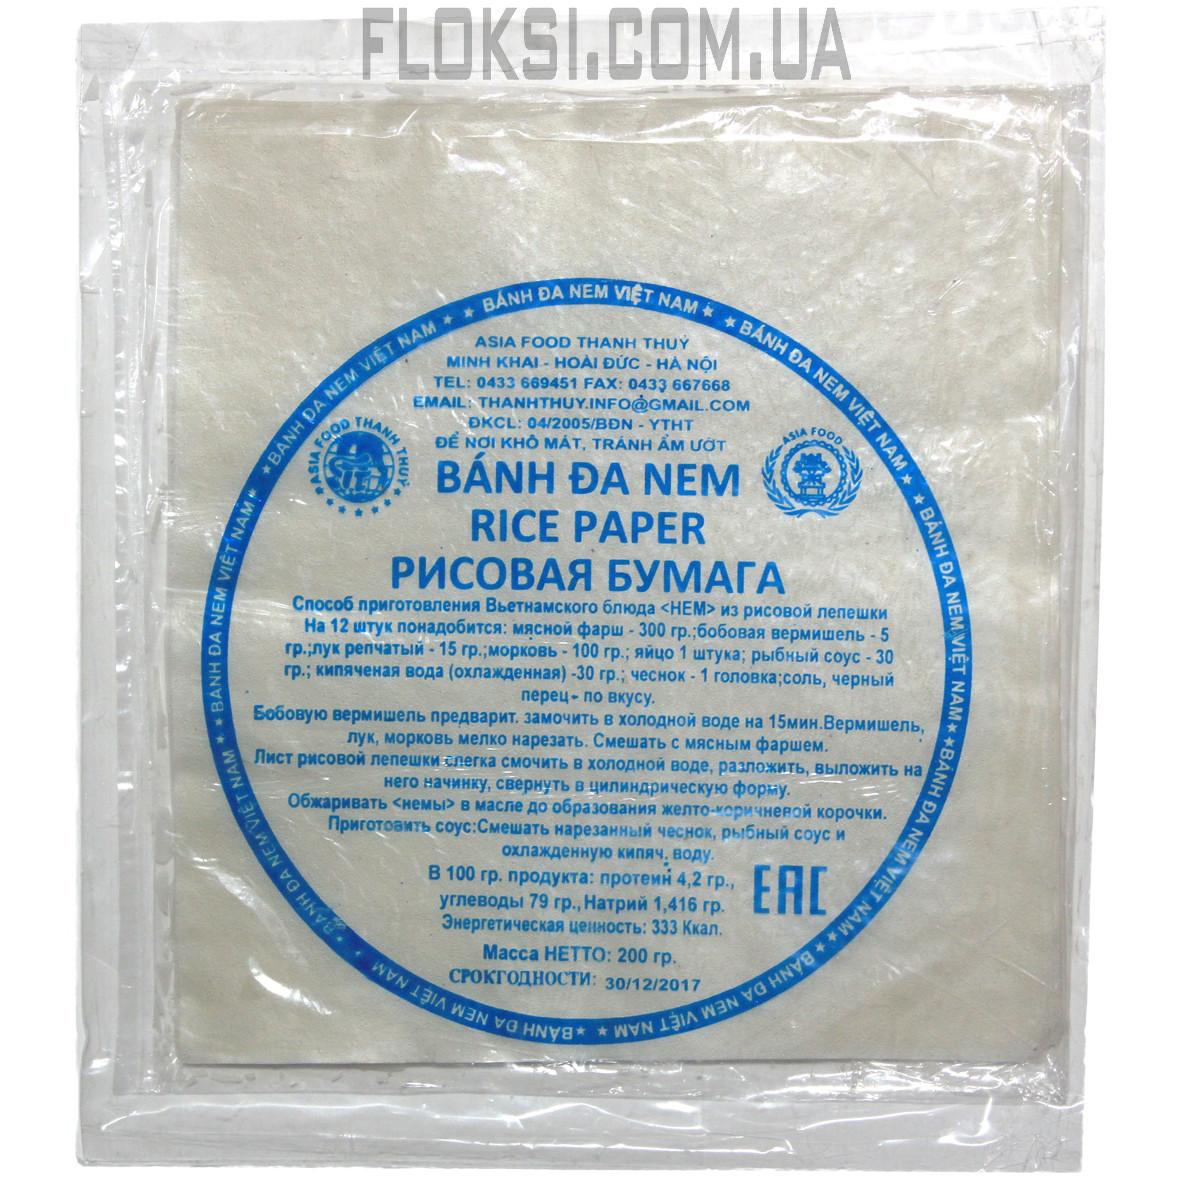 Рисовая бумага квадратная 200гр. 30лис. (19*20см.)